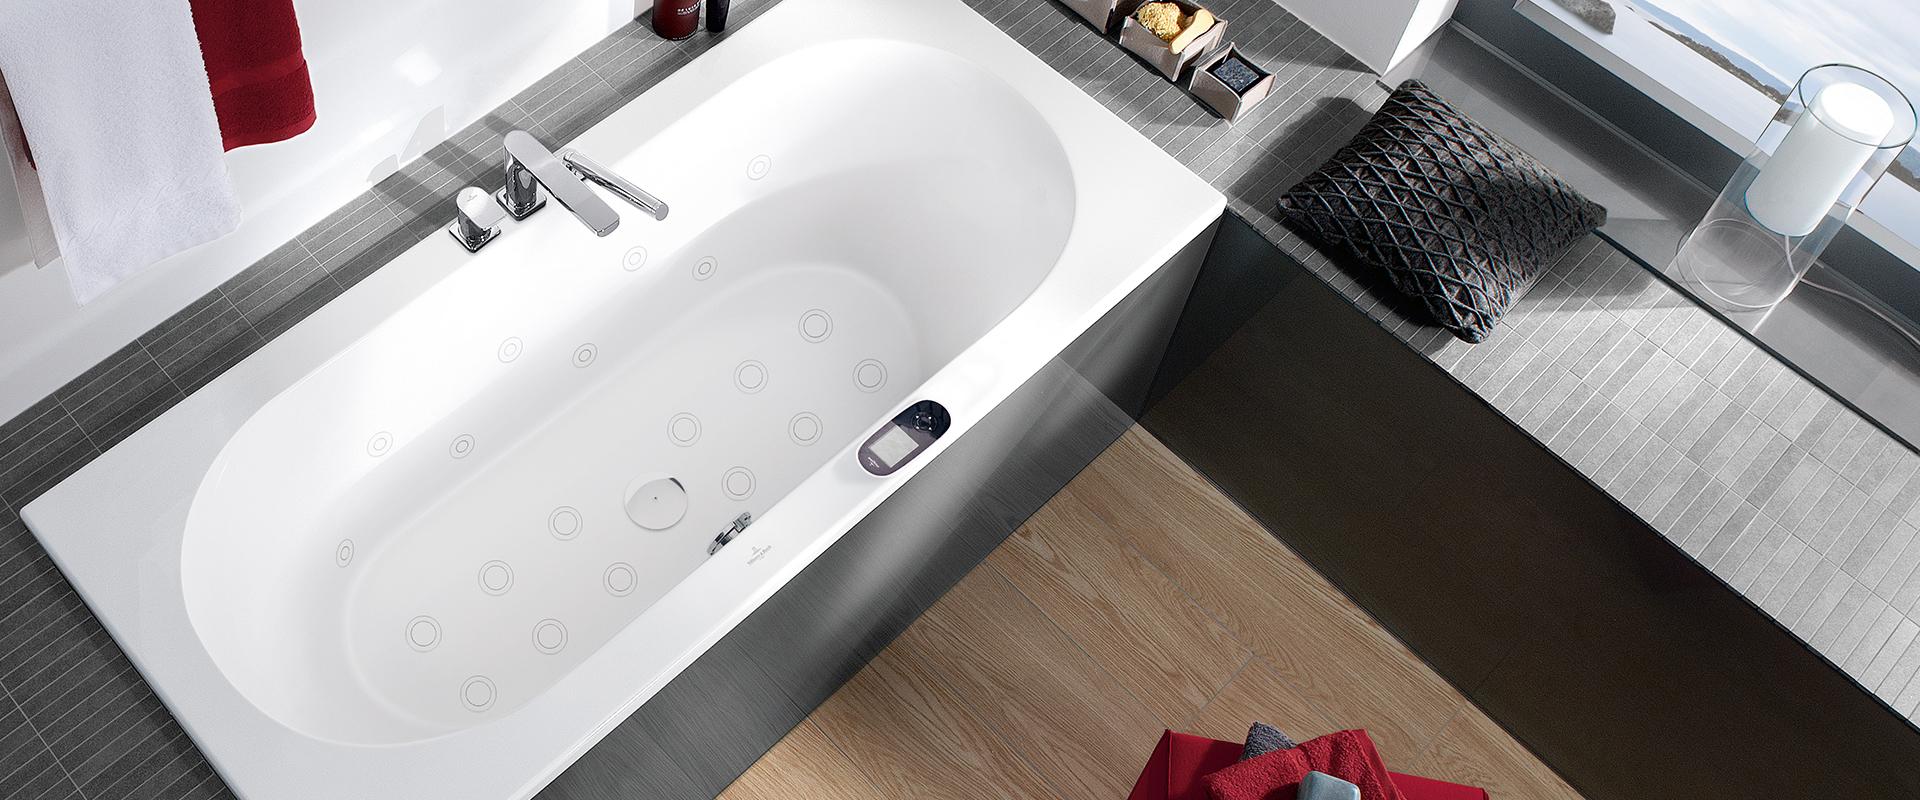 sistemi idromassaggio per vasche. Black Bedroom Furniture Sets. Home Design Ideas